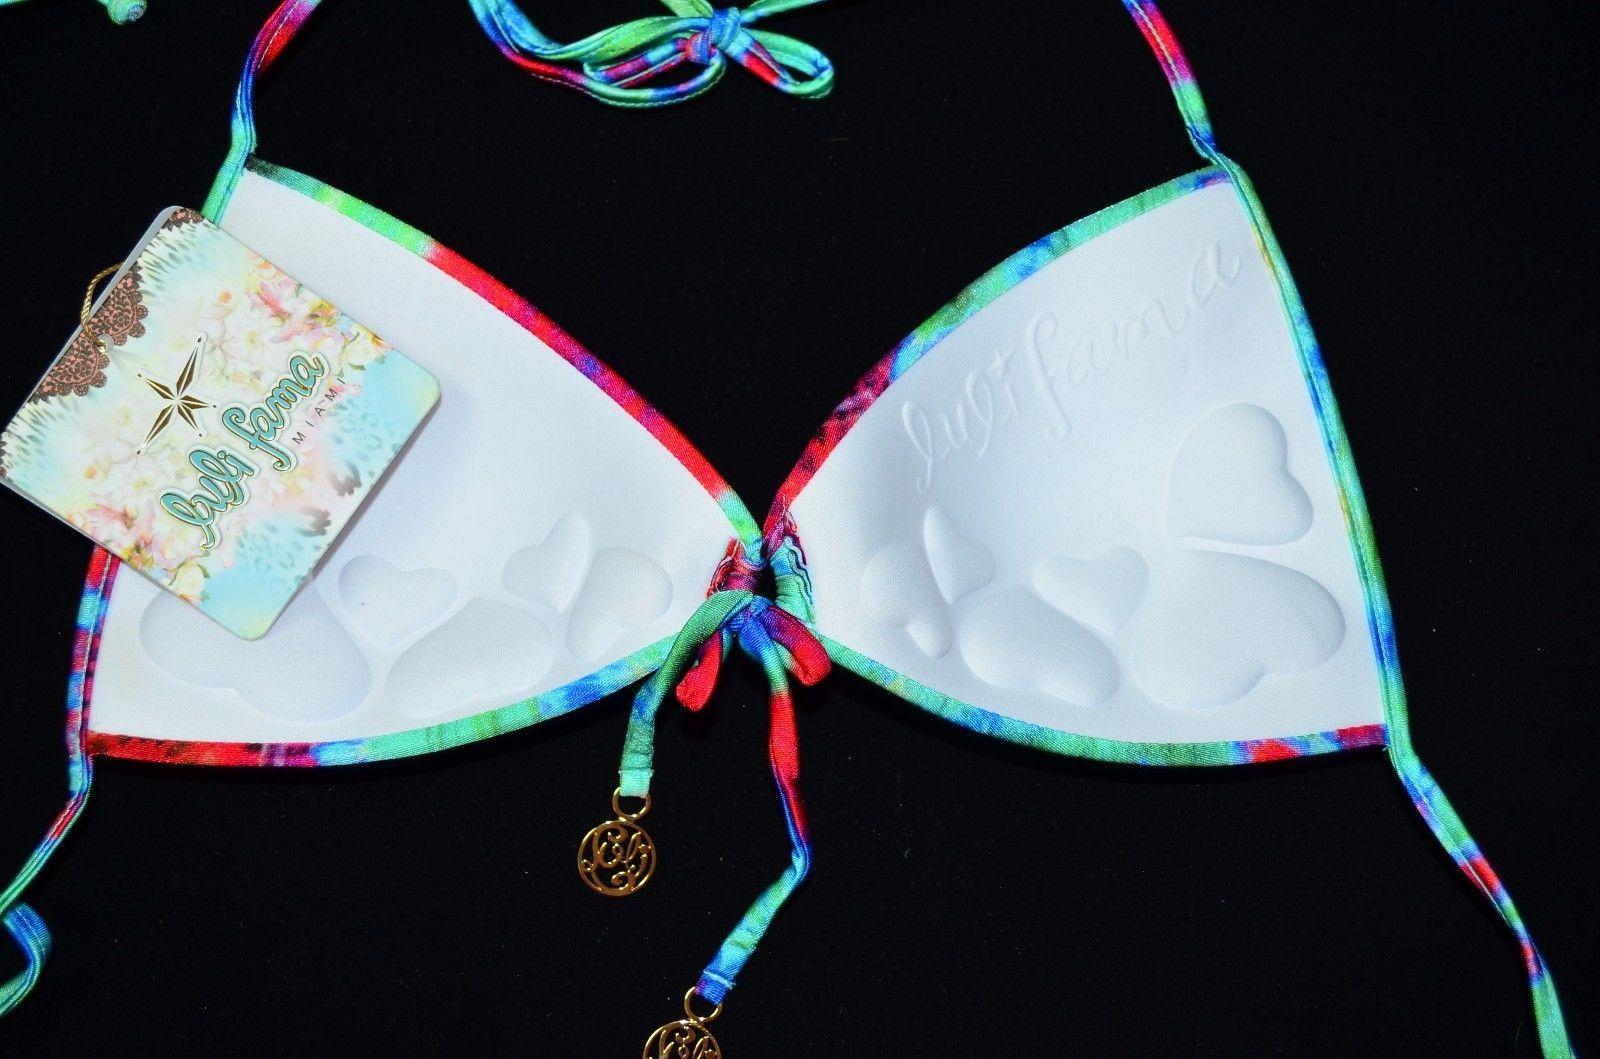 LULI FAMA Beach Fever Bikini Push-Up Top Small S NEW Swimwear Swim Push Up